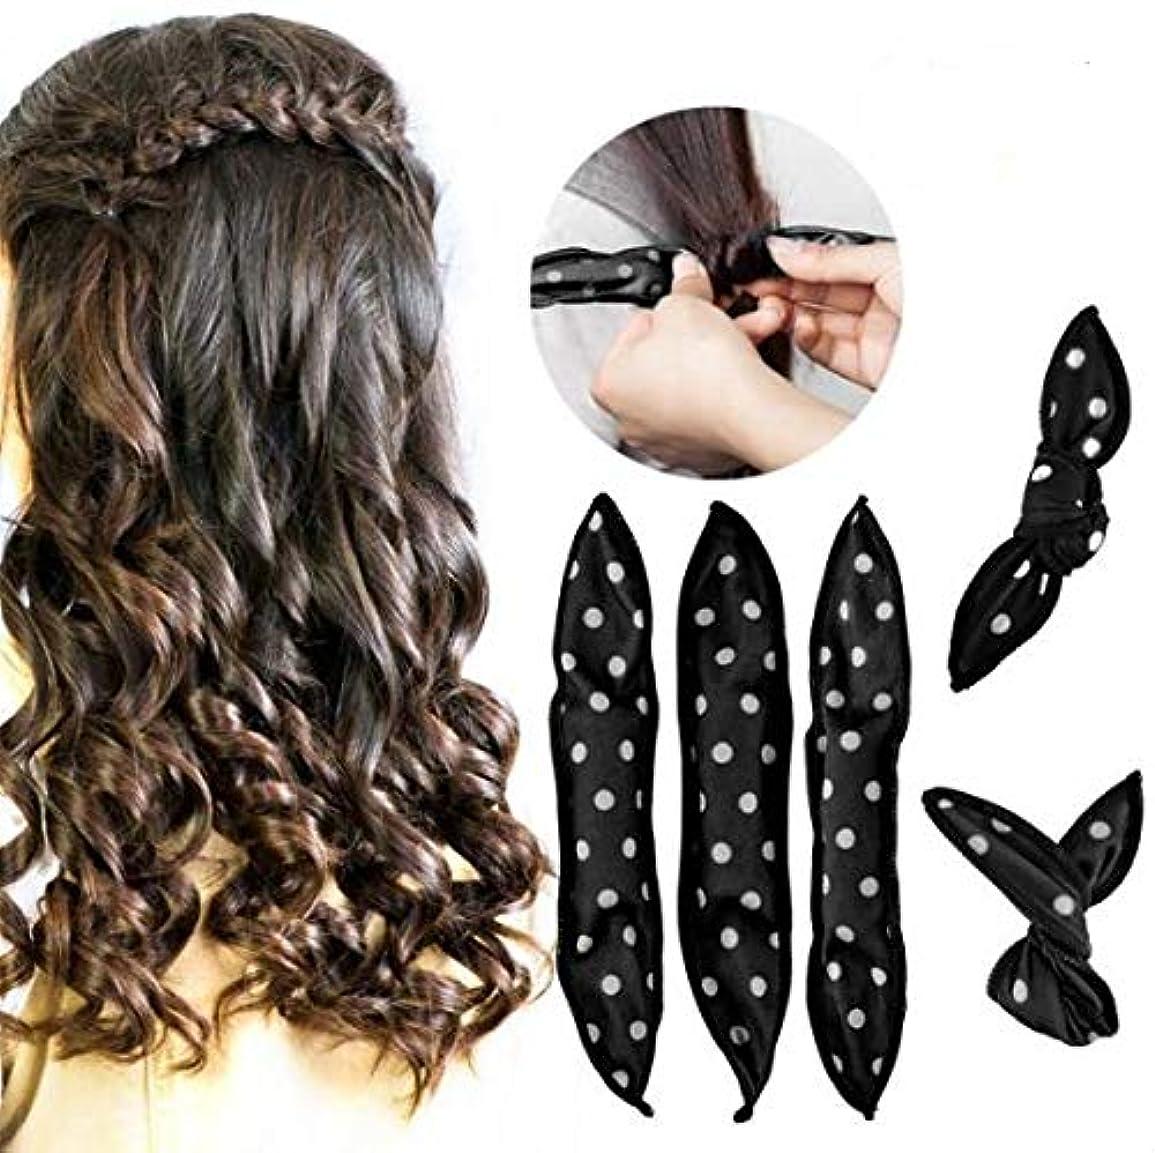 知恵オープニングプレゼントRabugoo 20本/セットスポンジフレキシブルフォームヘアカーラーDIYヘアスタイルツール